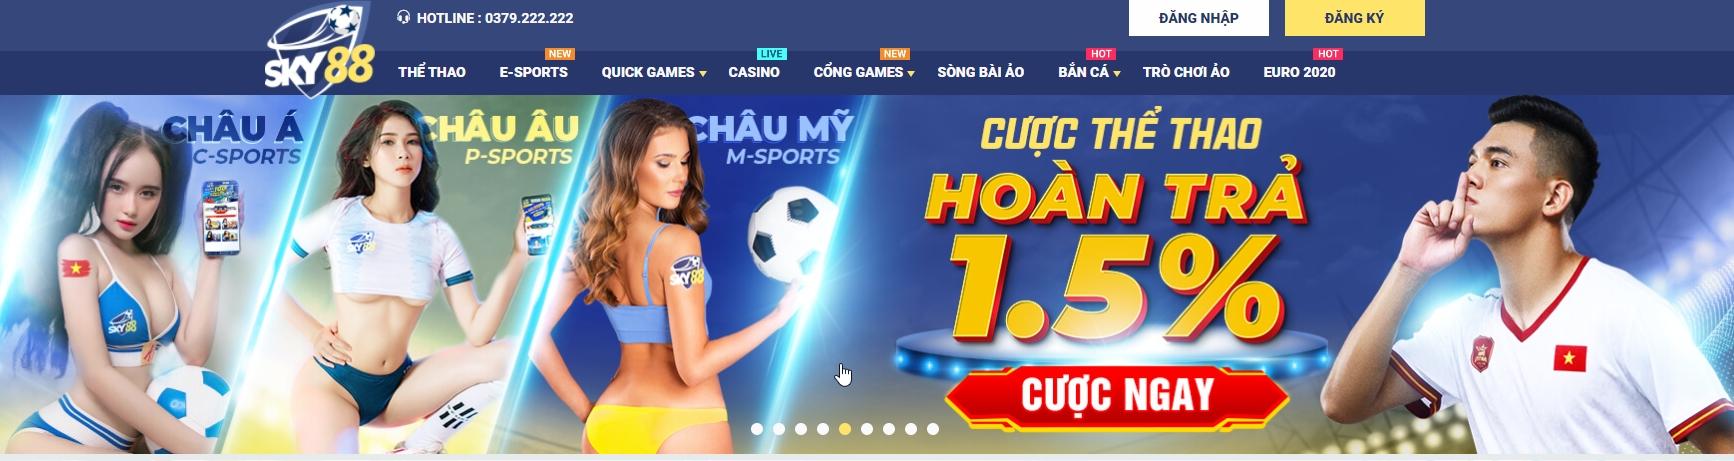 Nhà cái Sky88 – Sân chơi cá cược online đến từ châu Âu – Link truy cập mới nhất SKY88